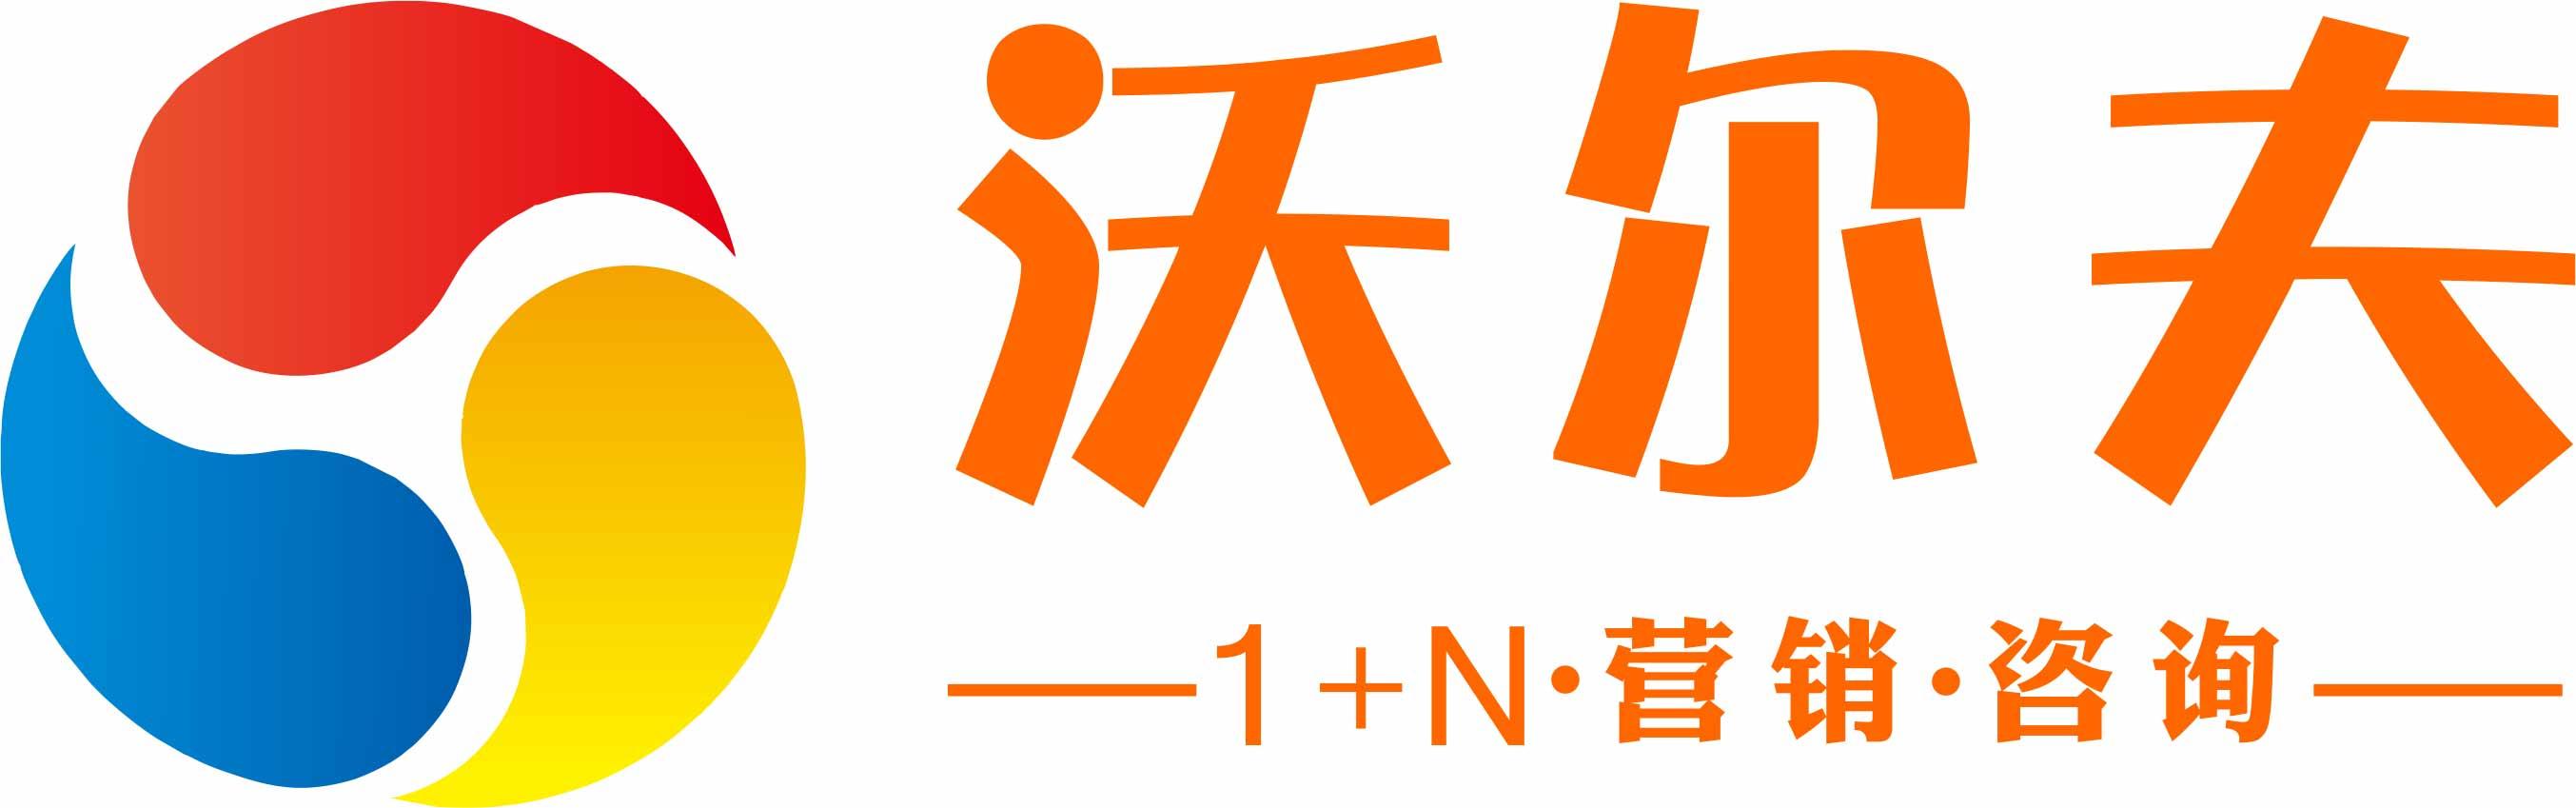 鎮江沃爾夫定義主題營銷策劃有限公司